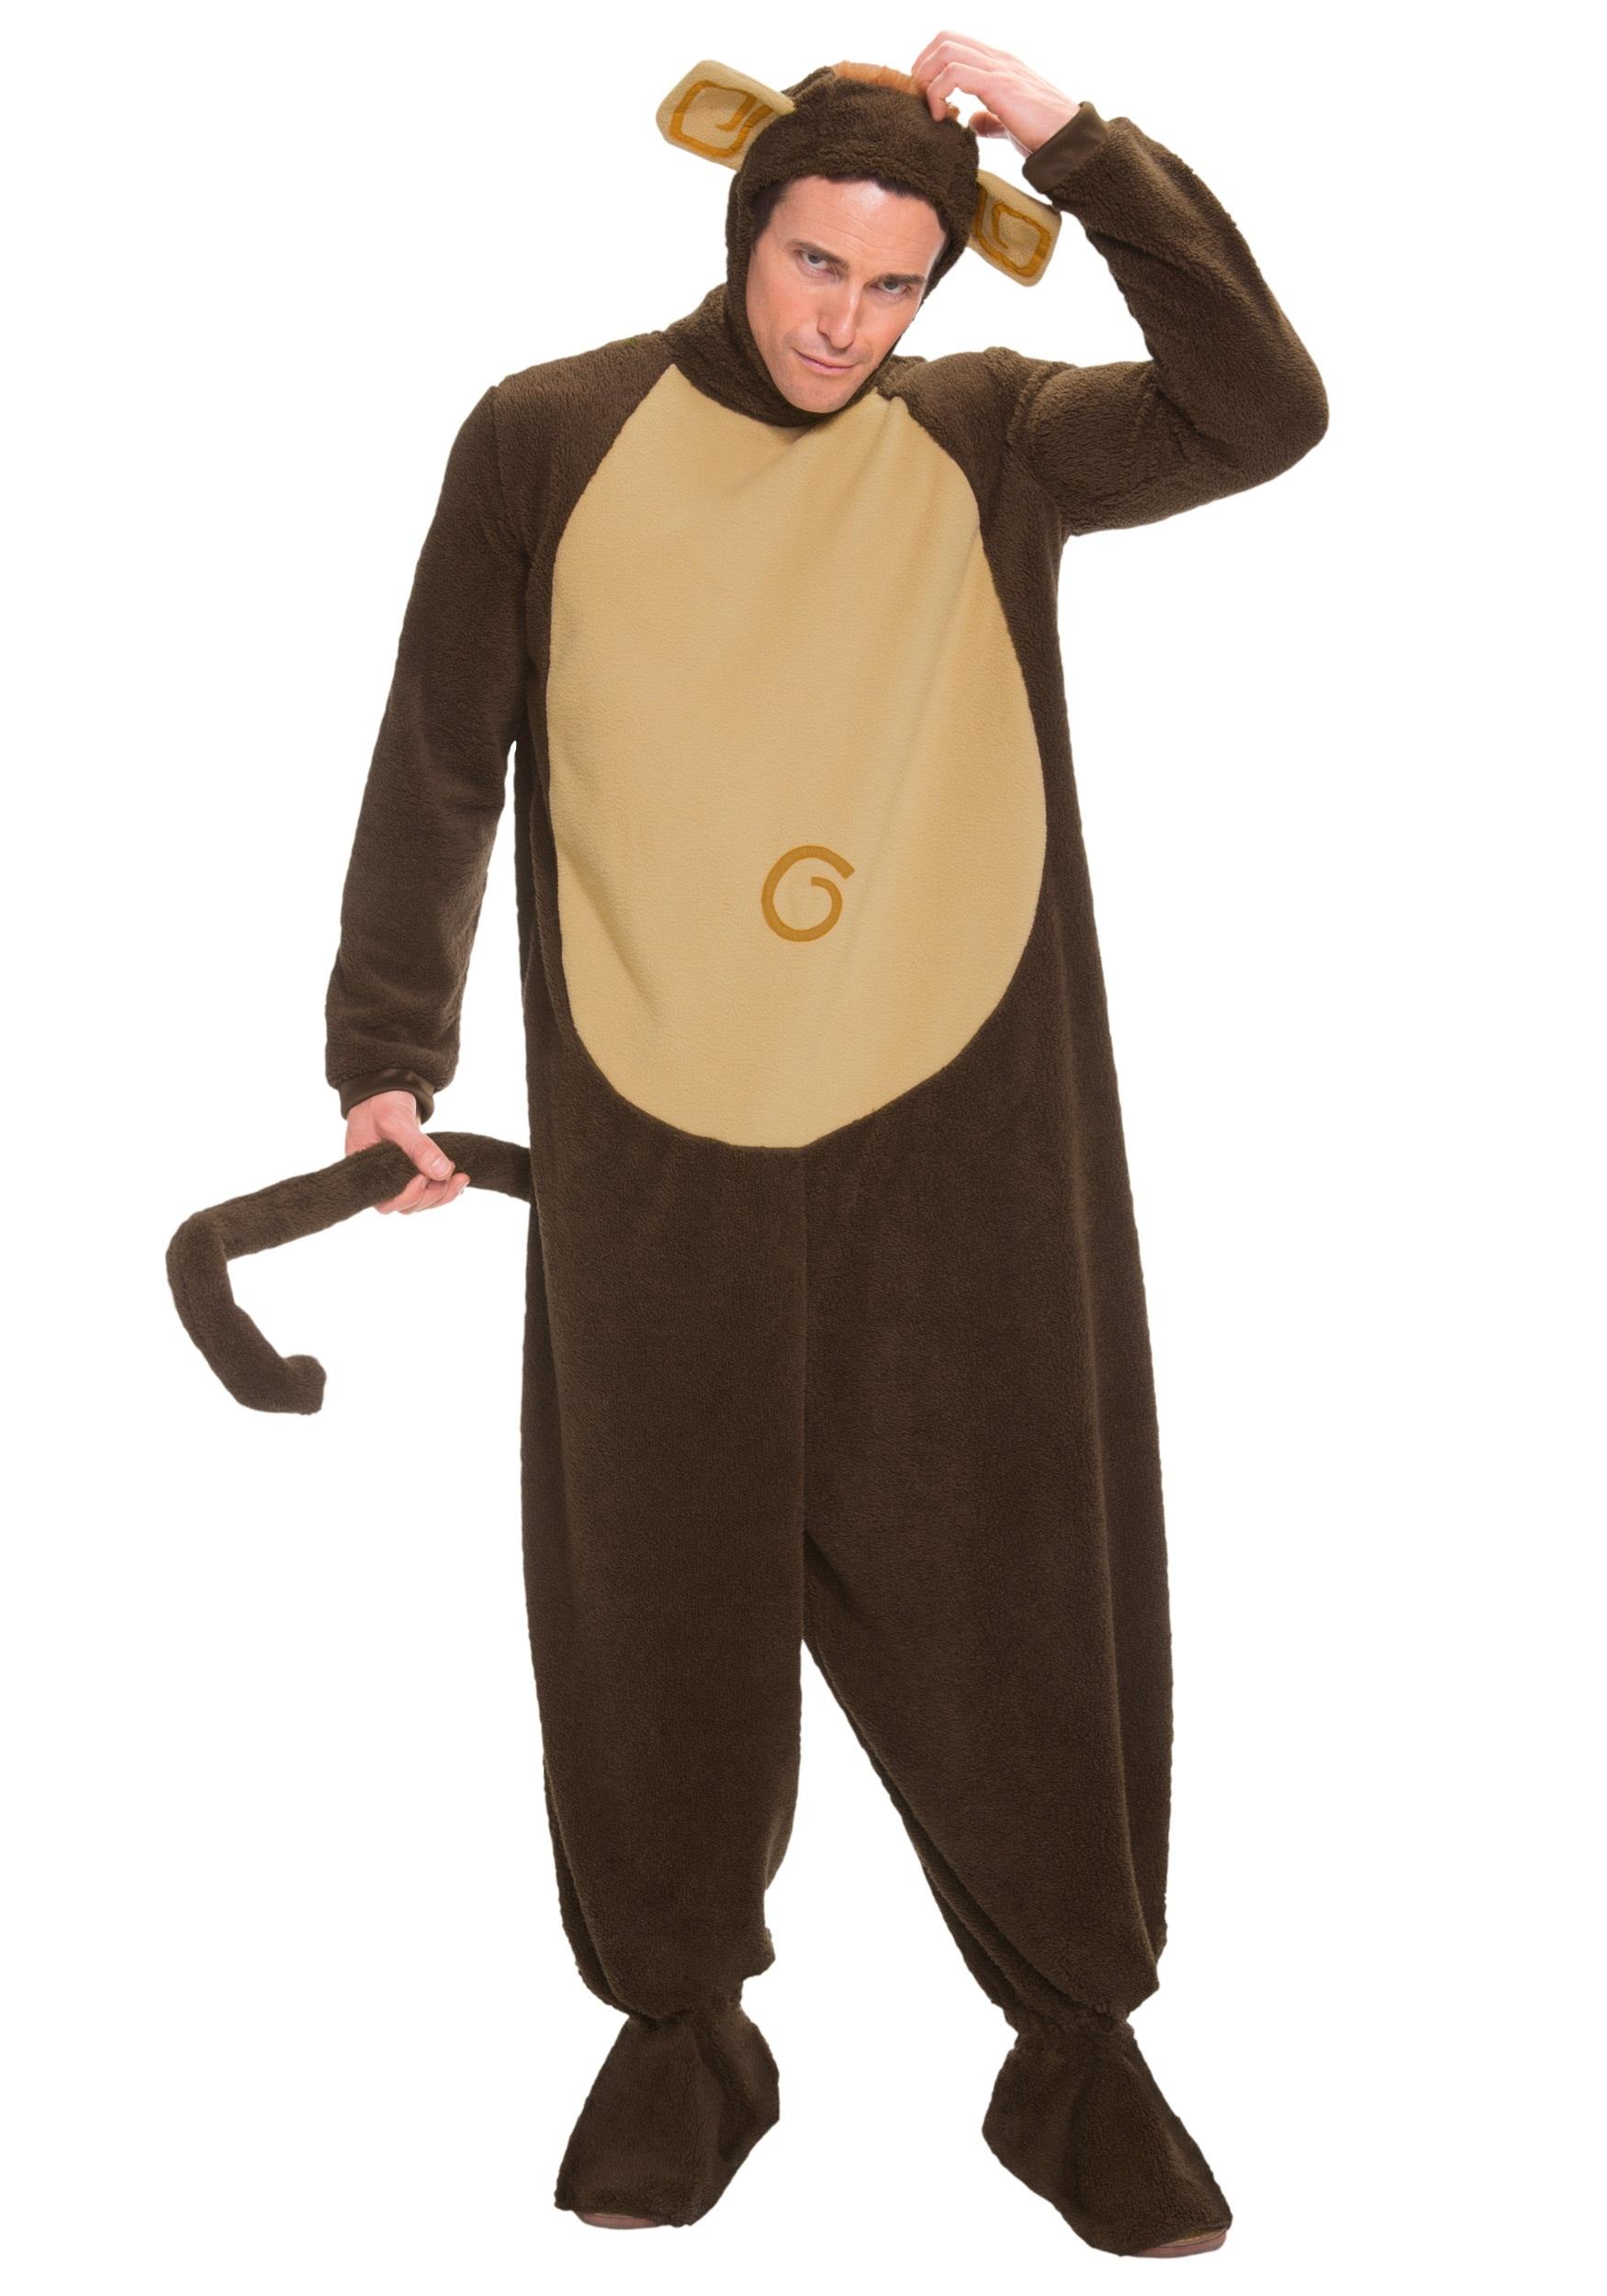 adult costume halloween monkey